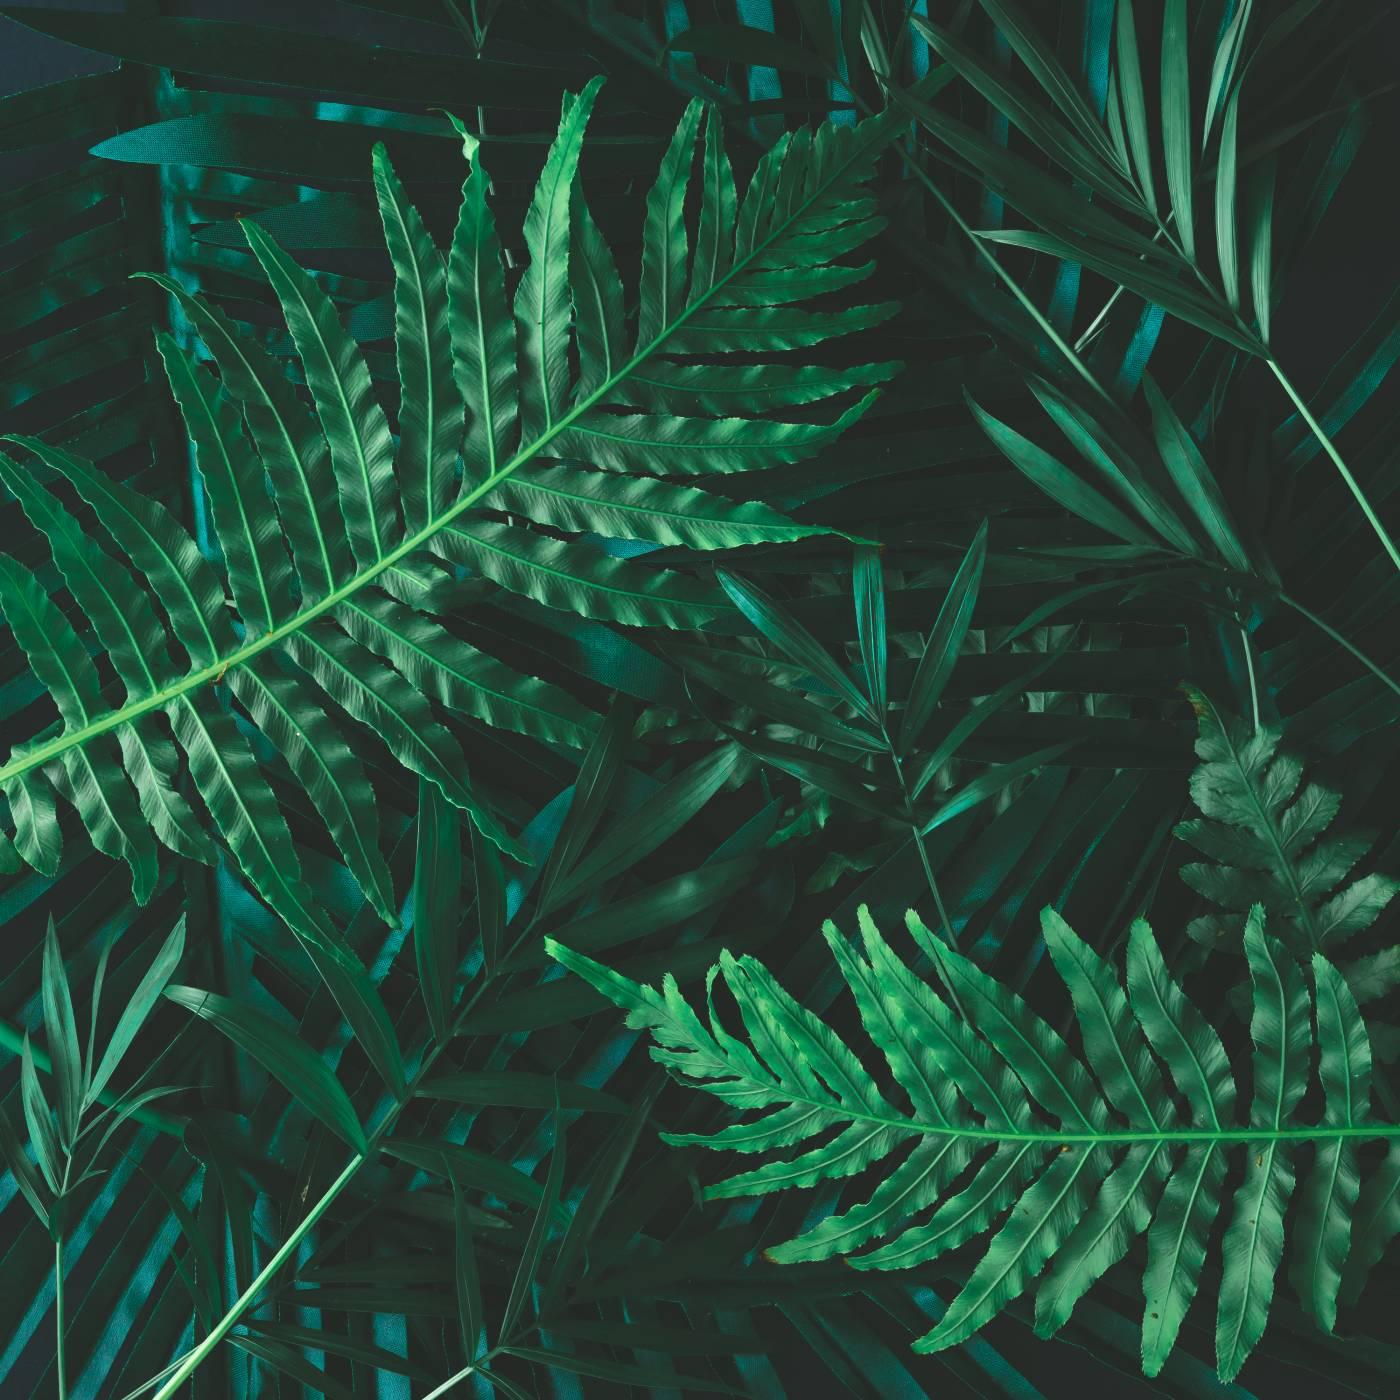 Защо растенията са зелени?